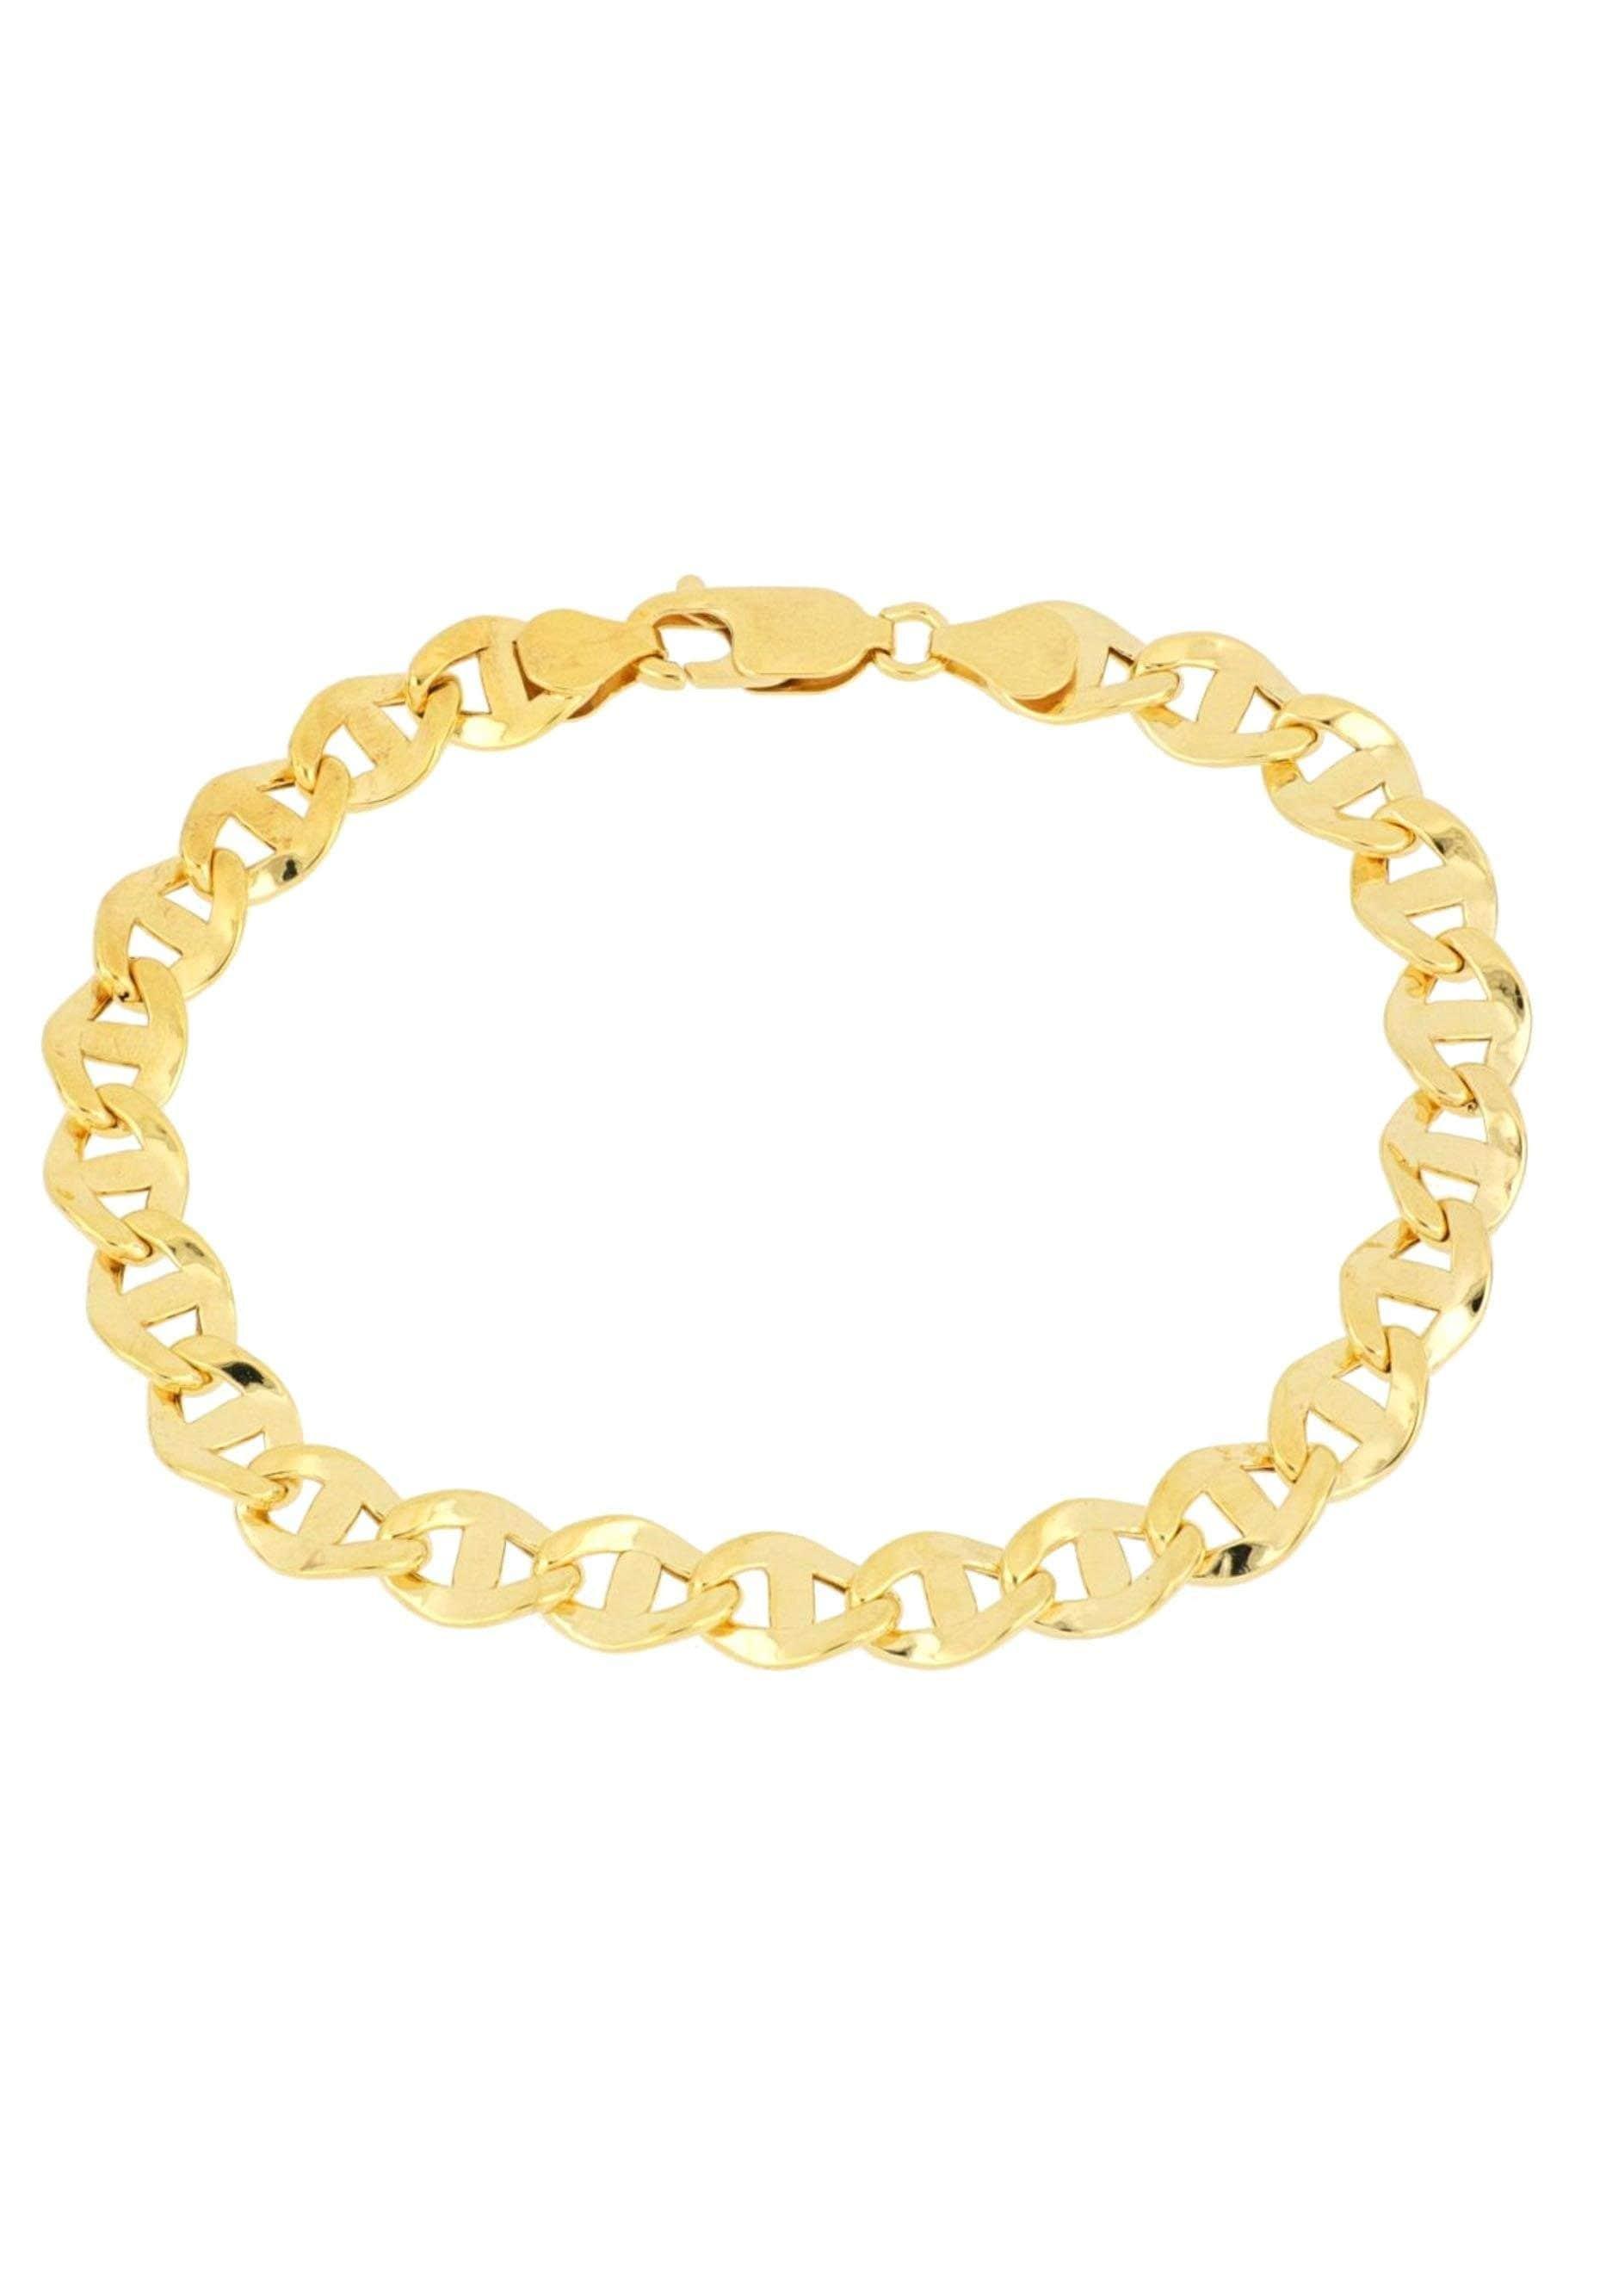 Firetti Goldarmband Stegpanzerkettengliederung, 7,1 mm breit, glanz, Glieder leicht gedreht | Schmuck > Armbänder | Firetti